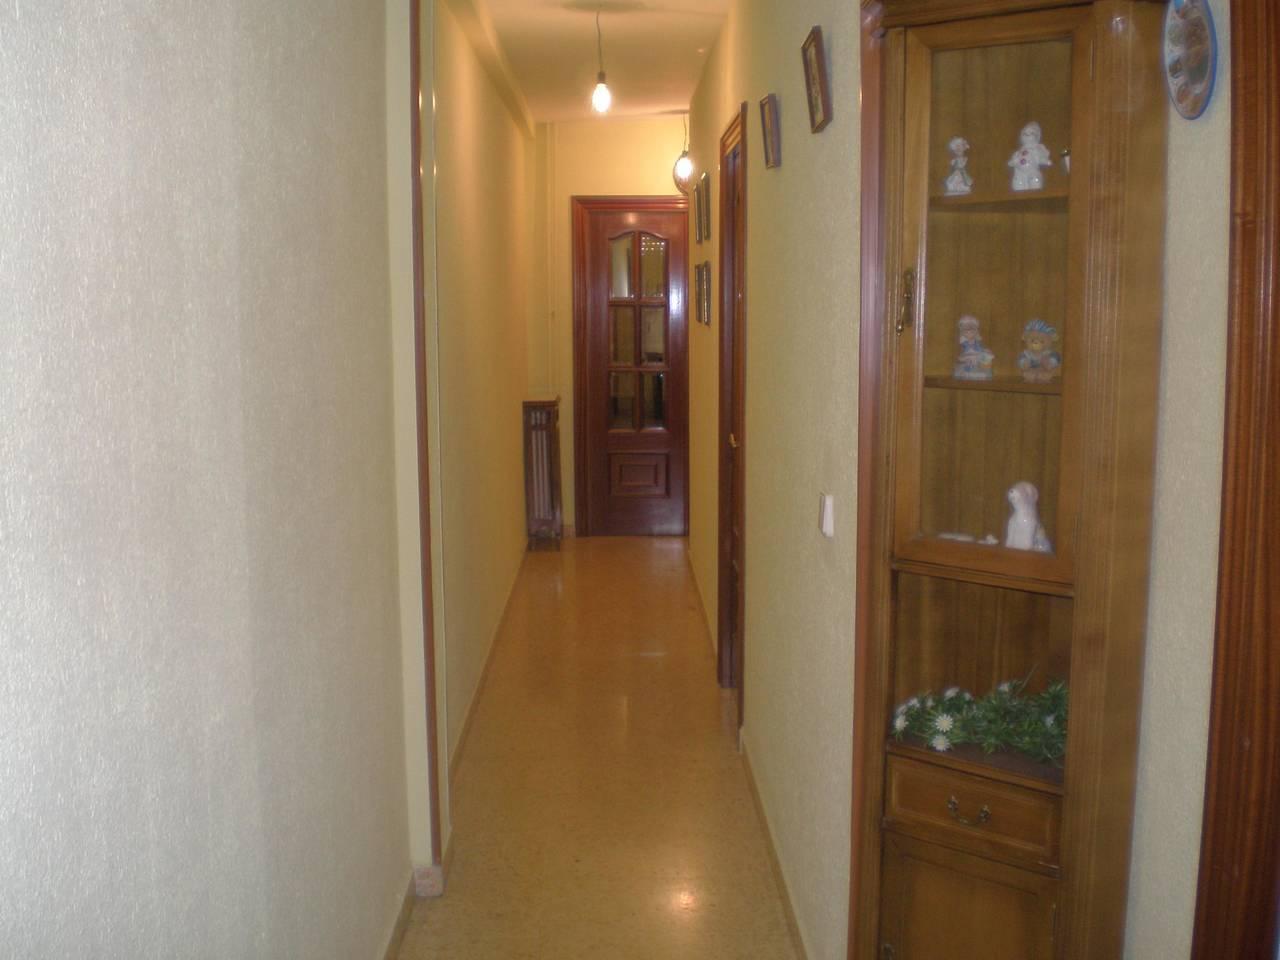 en soria se alquilan una habitacion en piso compartido  - Foto 15